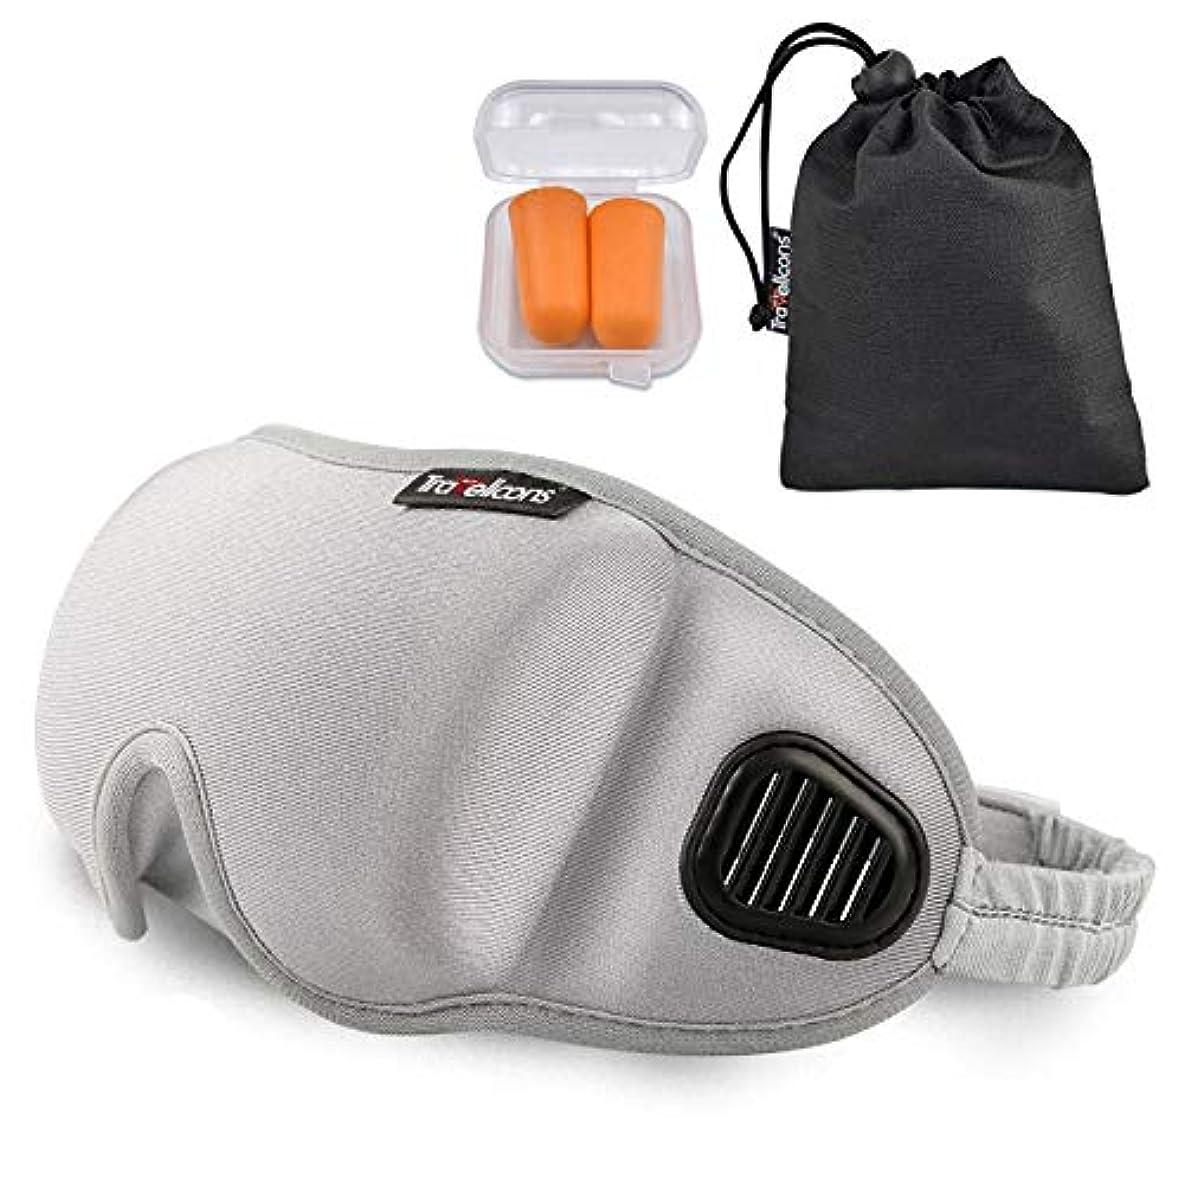 広い図書館技術NOTE 3dアイカバースリーピングマスクアイシェードトラベルオフィス睡眠女性男性ゴーグル通気性ソフトアジャスタブルアイパッチ黒目隠し